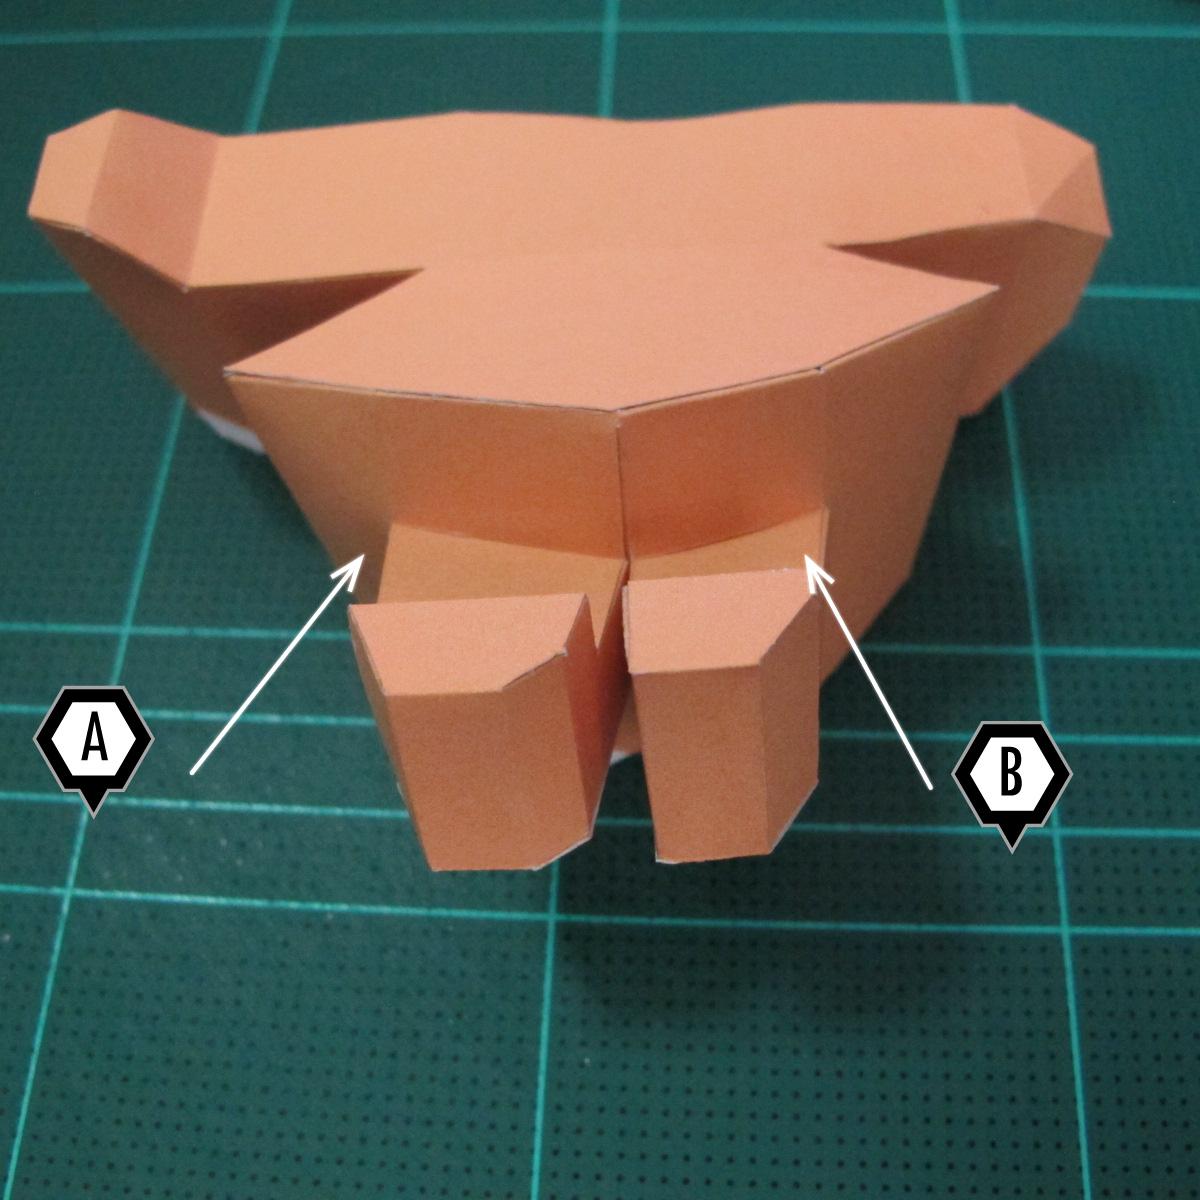 วิธีทำโมเดลกระดาษตุ้กตา คุกกี้สาวผู้ร่าเริง จากเกมส์คุกกี้รัน (LINE Cookie Run – Bright Cookie Papercraft Model) 019